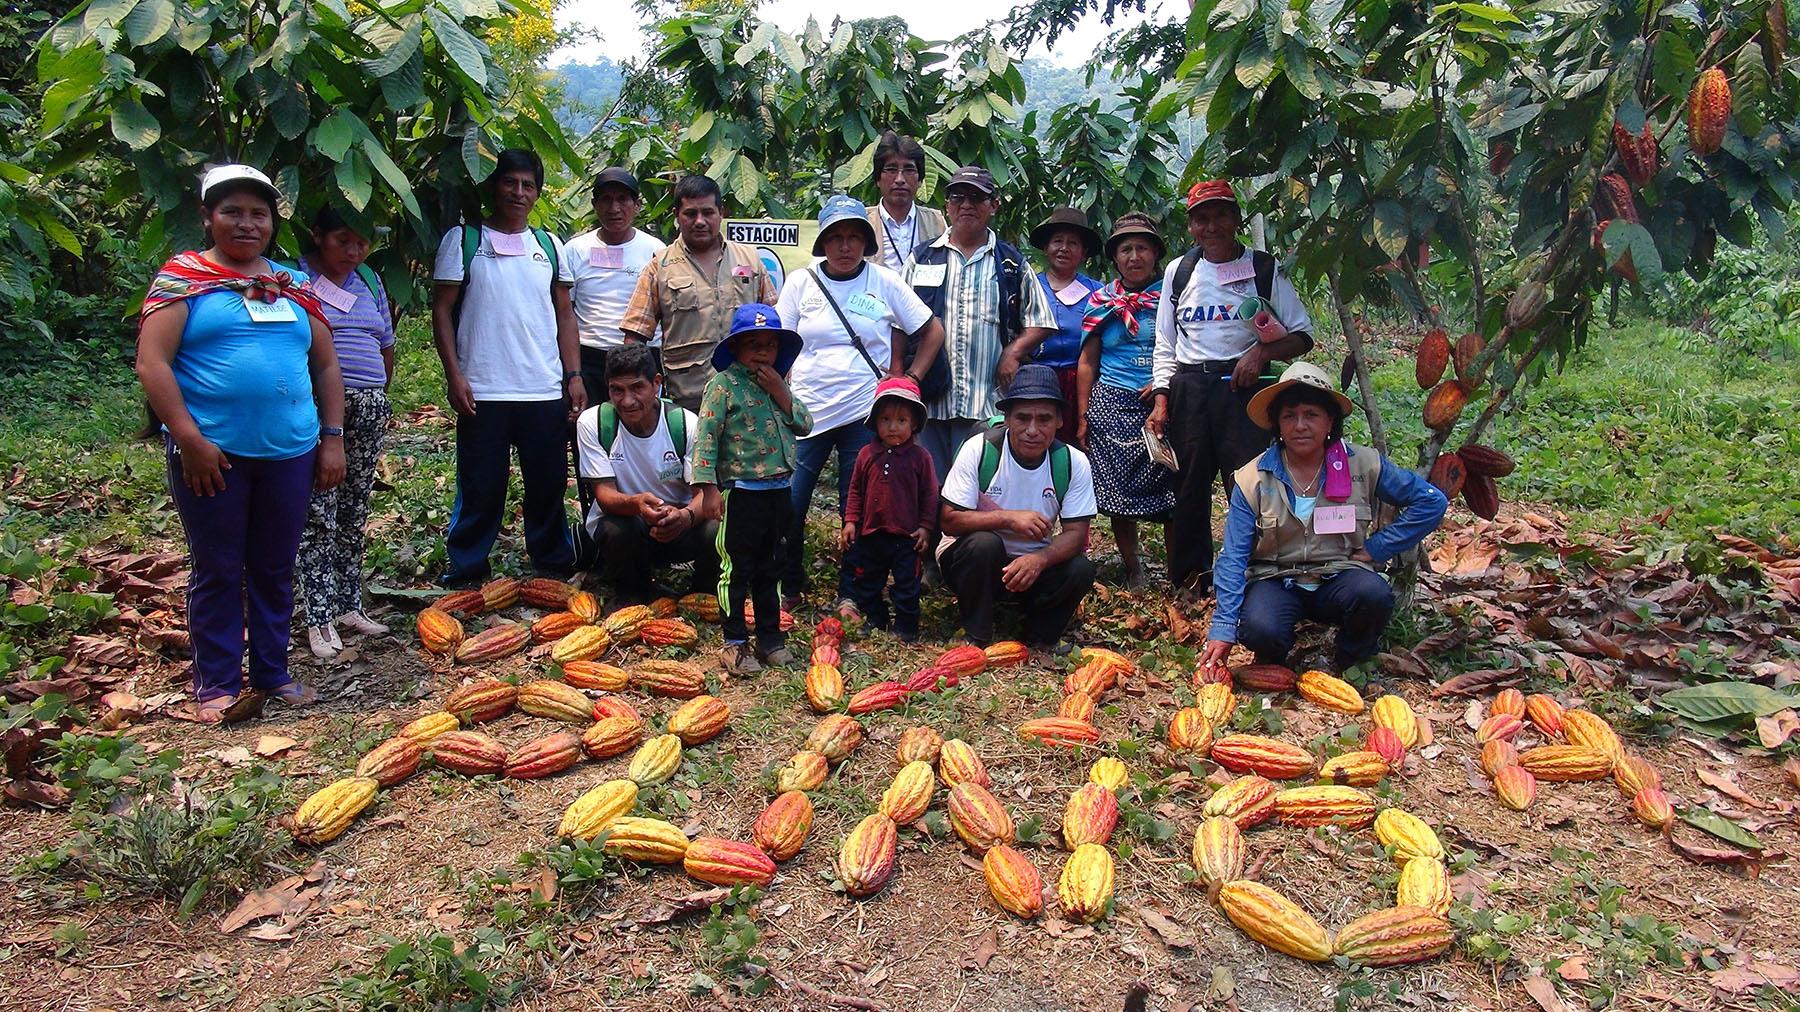 Agricultores de cacao fortalecieron capacidades en cultivo de cacao en Puno